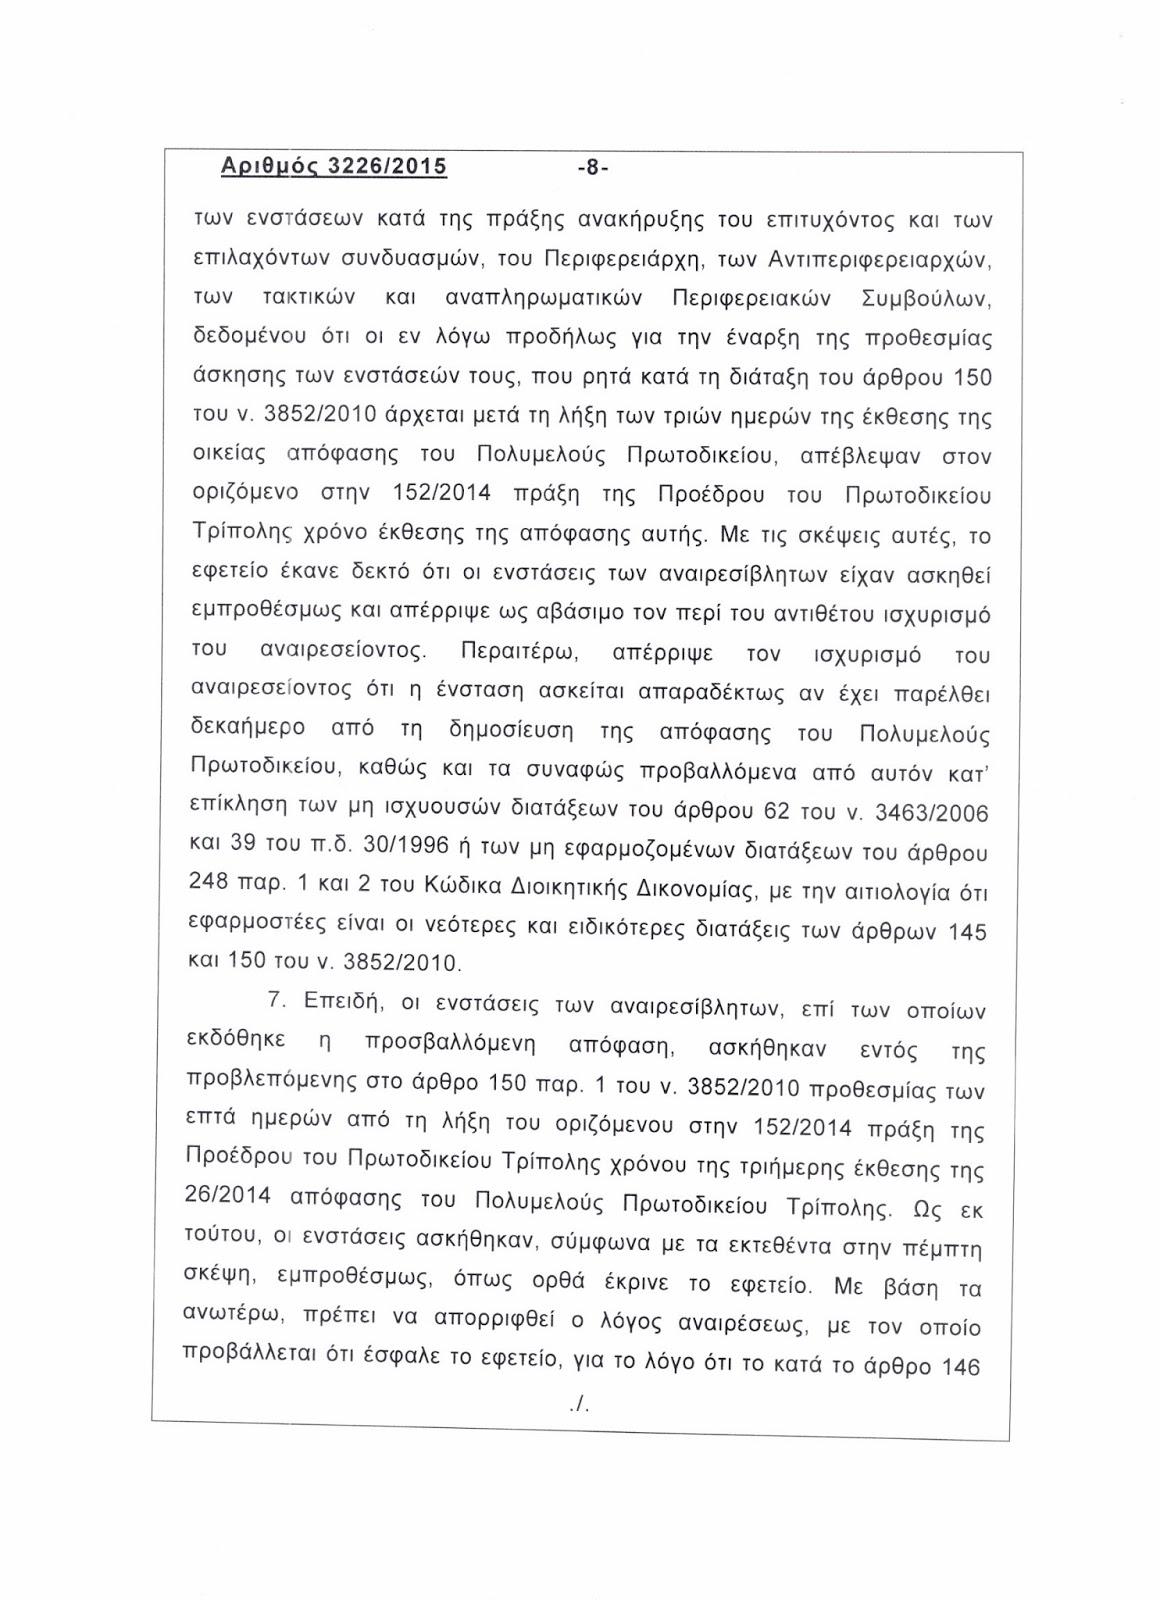 Ὁλόκληρη ἡ ἀπόφασις τοῦ ΣτΕ γιὰ τὸν Γιαννακόπουλο7